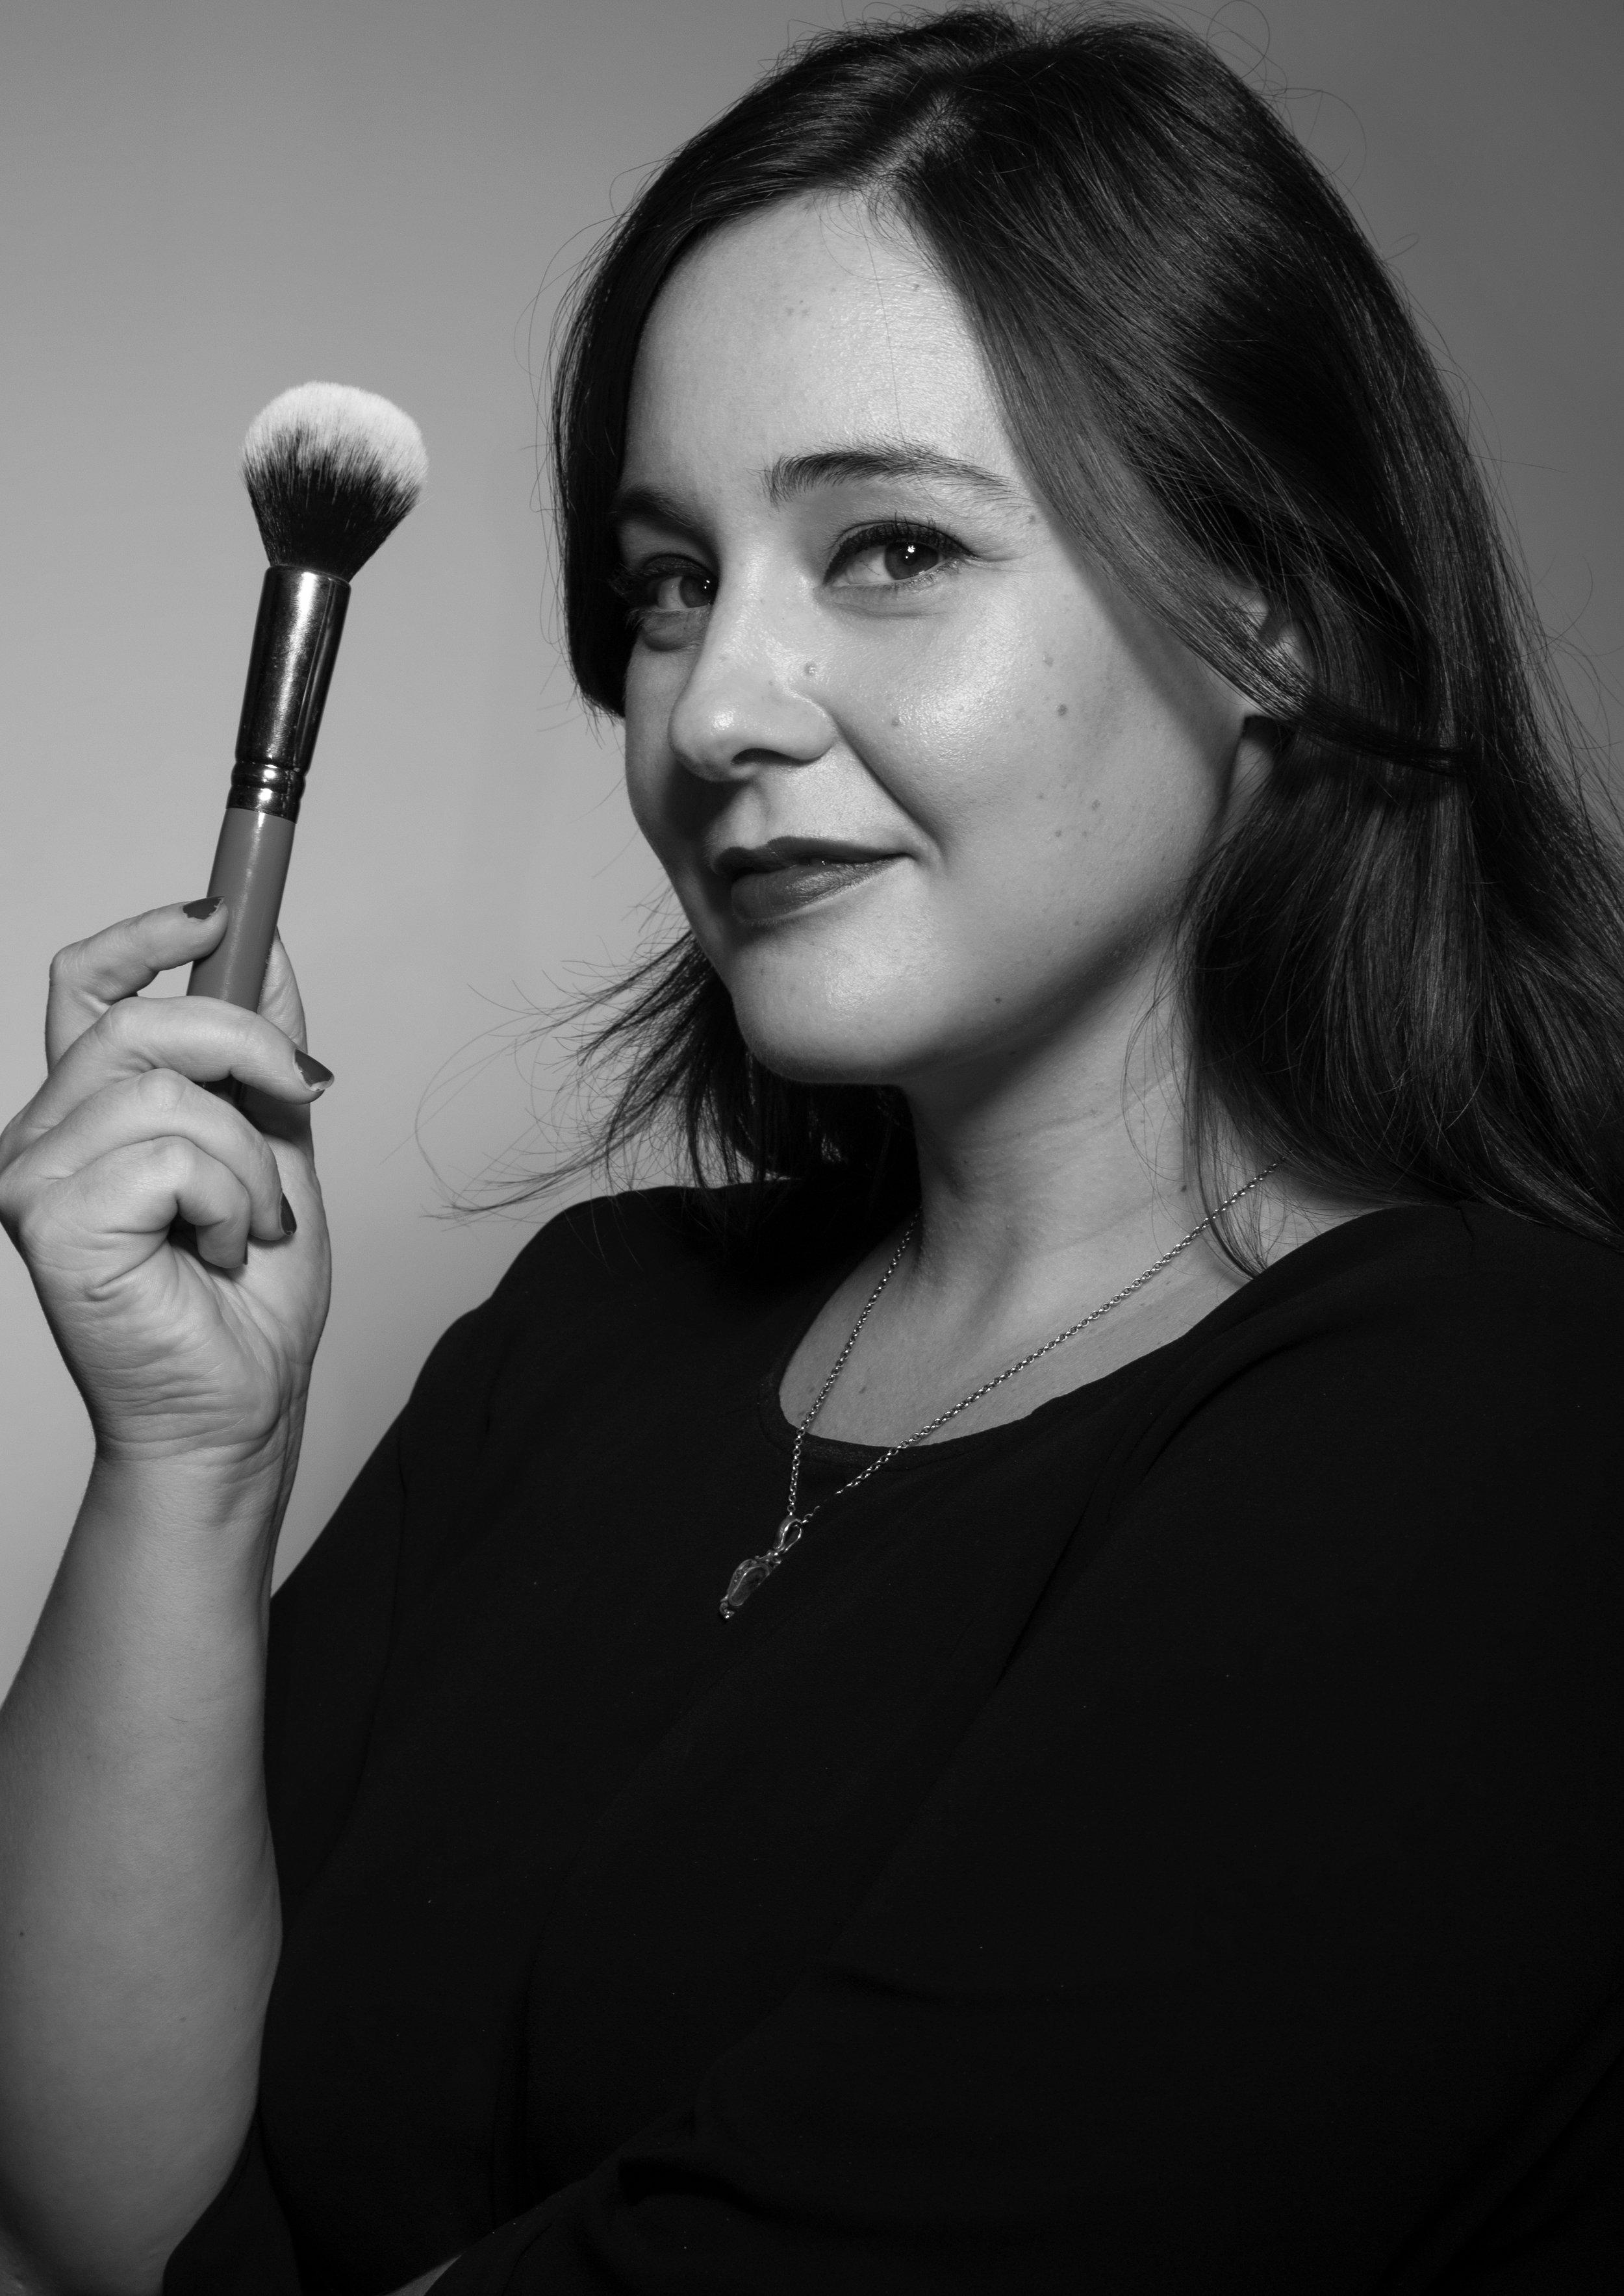 makeupartistbarcelona